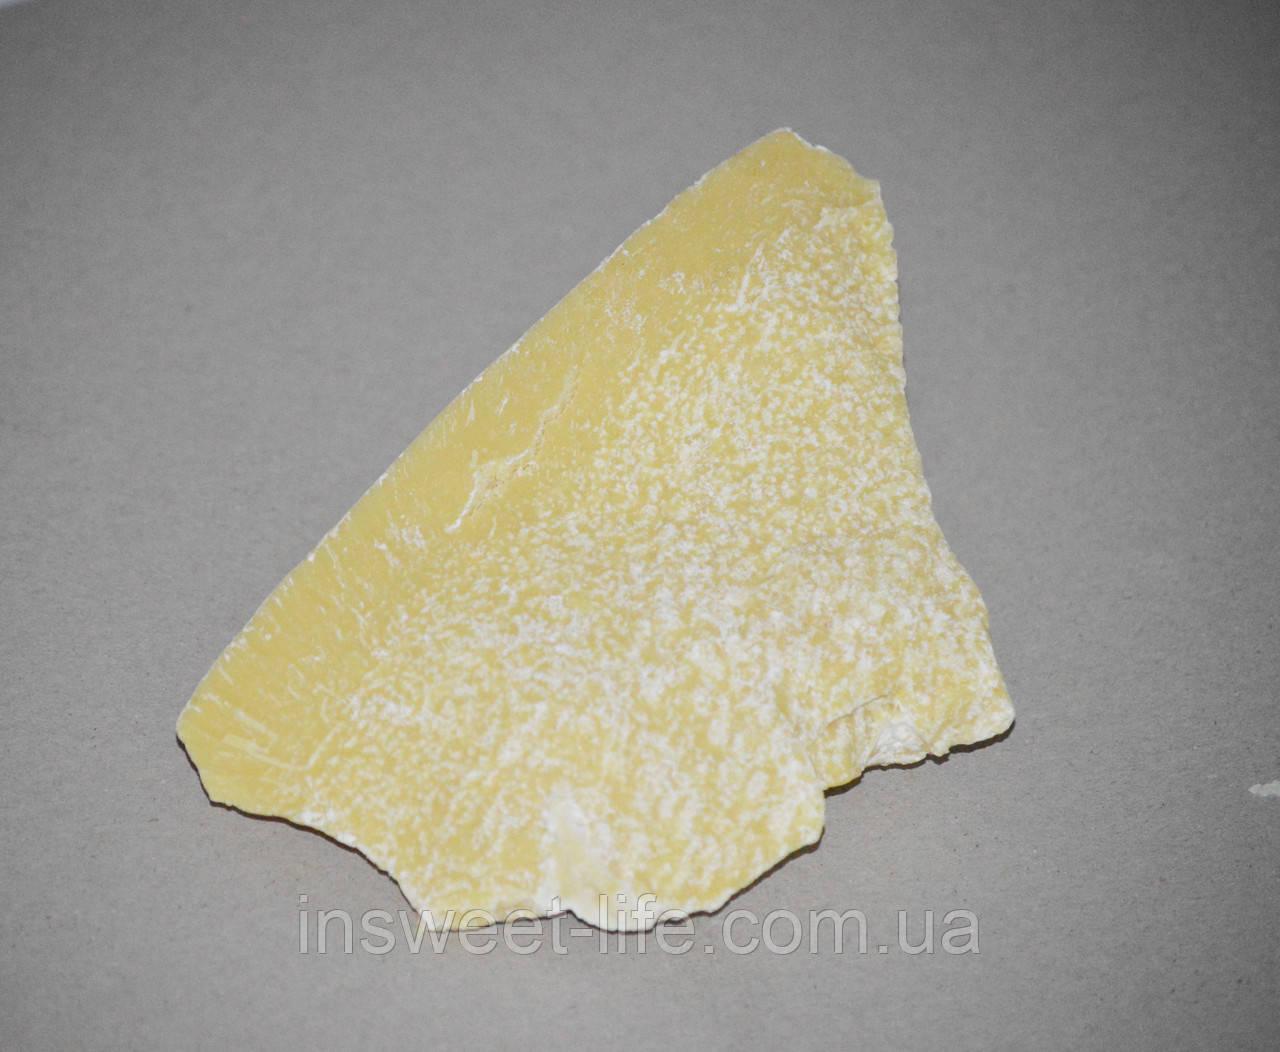 Масло какао натуральное дезодорированное Natra 5 кг/упаковка